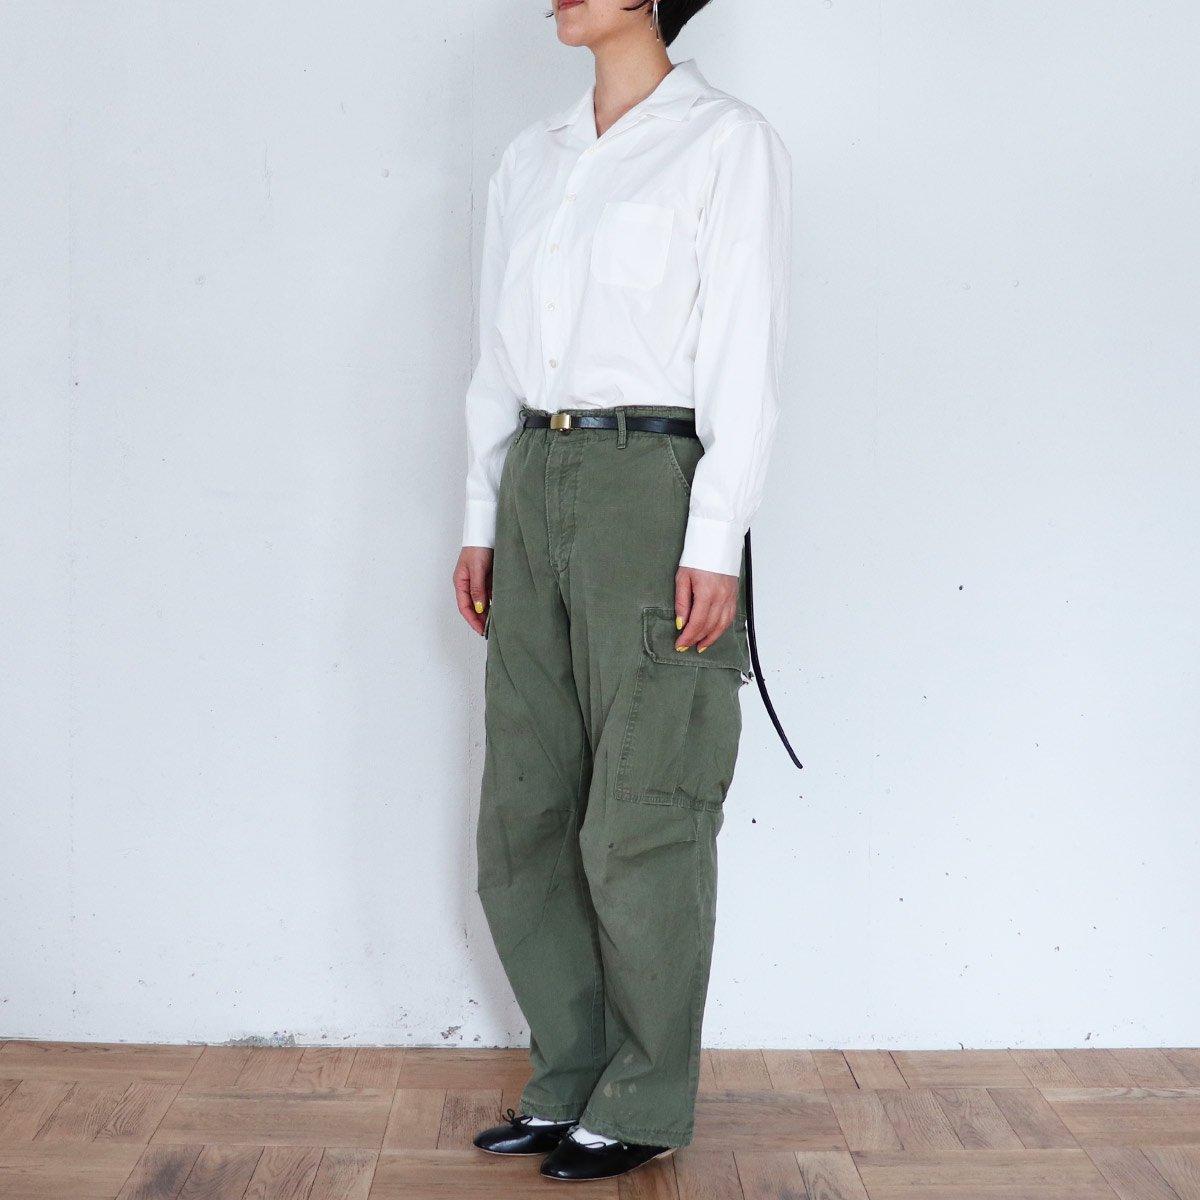 JANGLE FATIGUE PANTS 詳細画像7